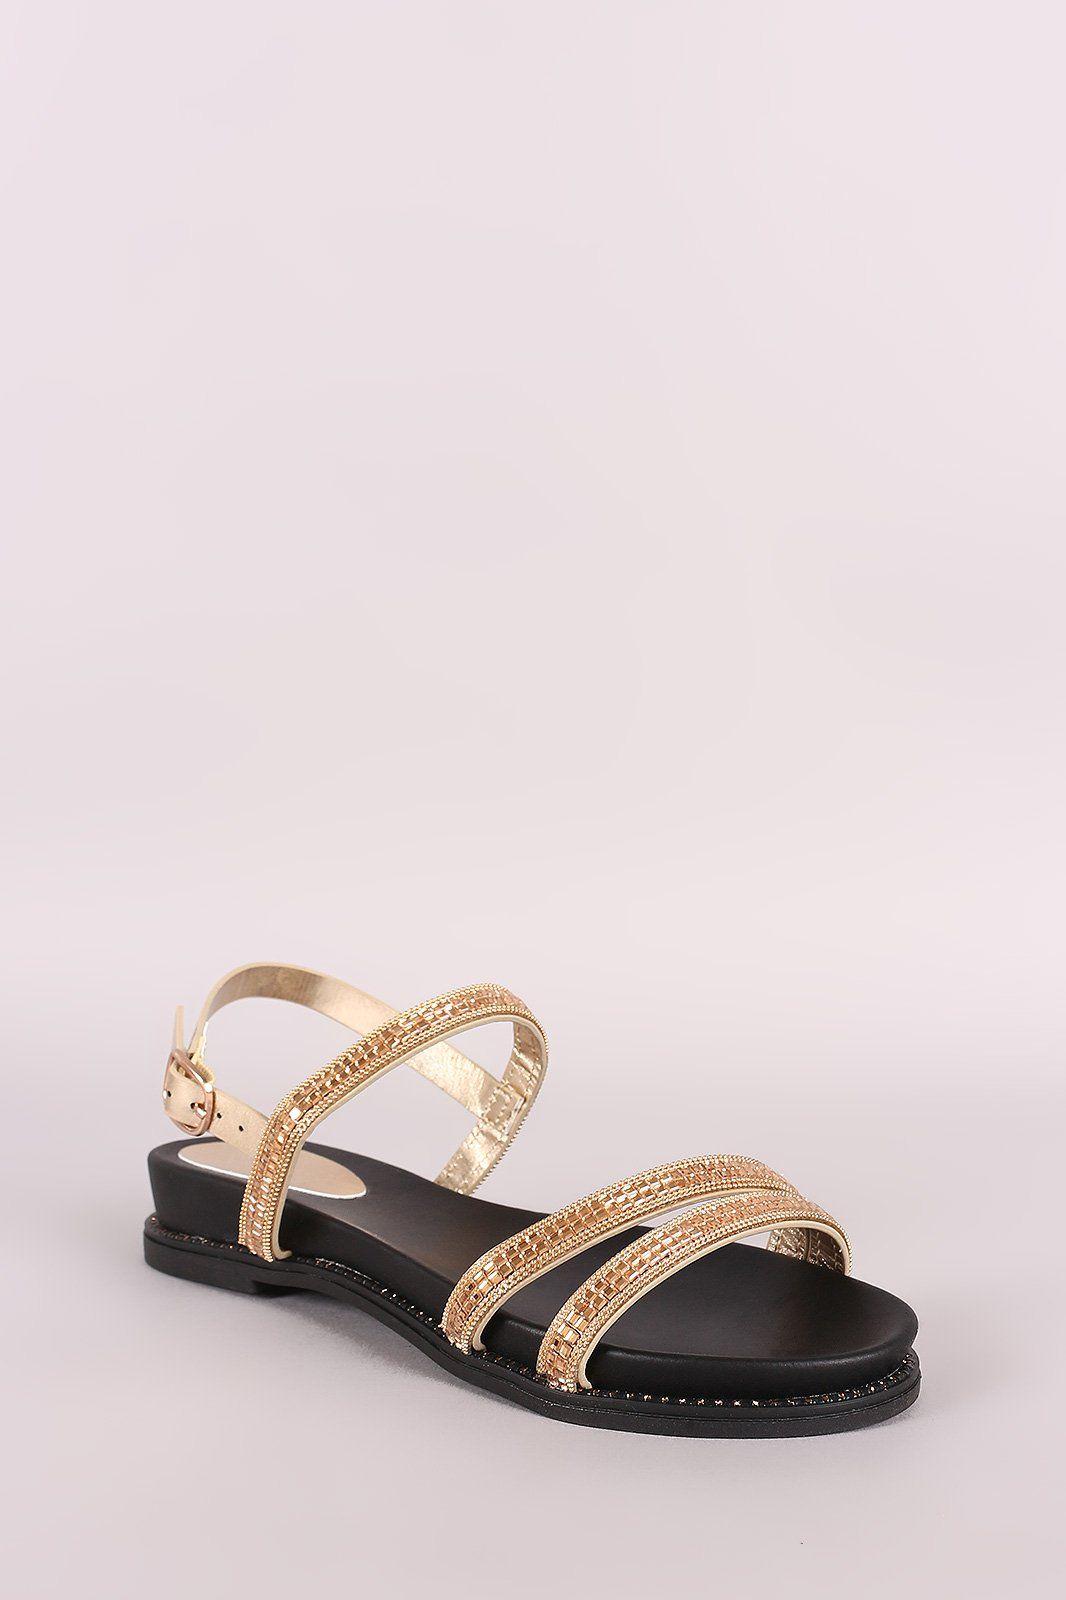 9daa67a8f0ac Bamboo Rhinestone Embellished Triple Band Slingback Flat Sandal in ...